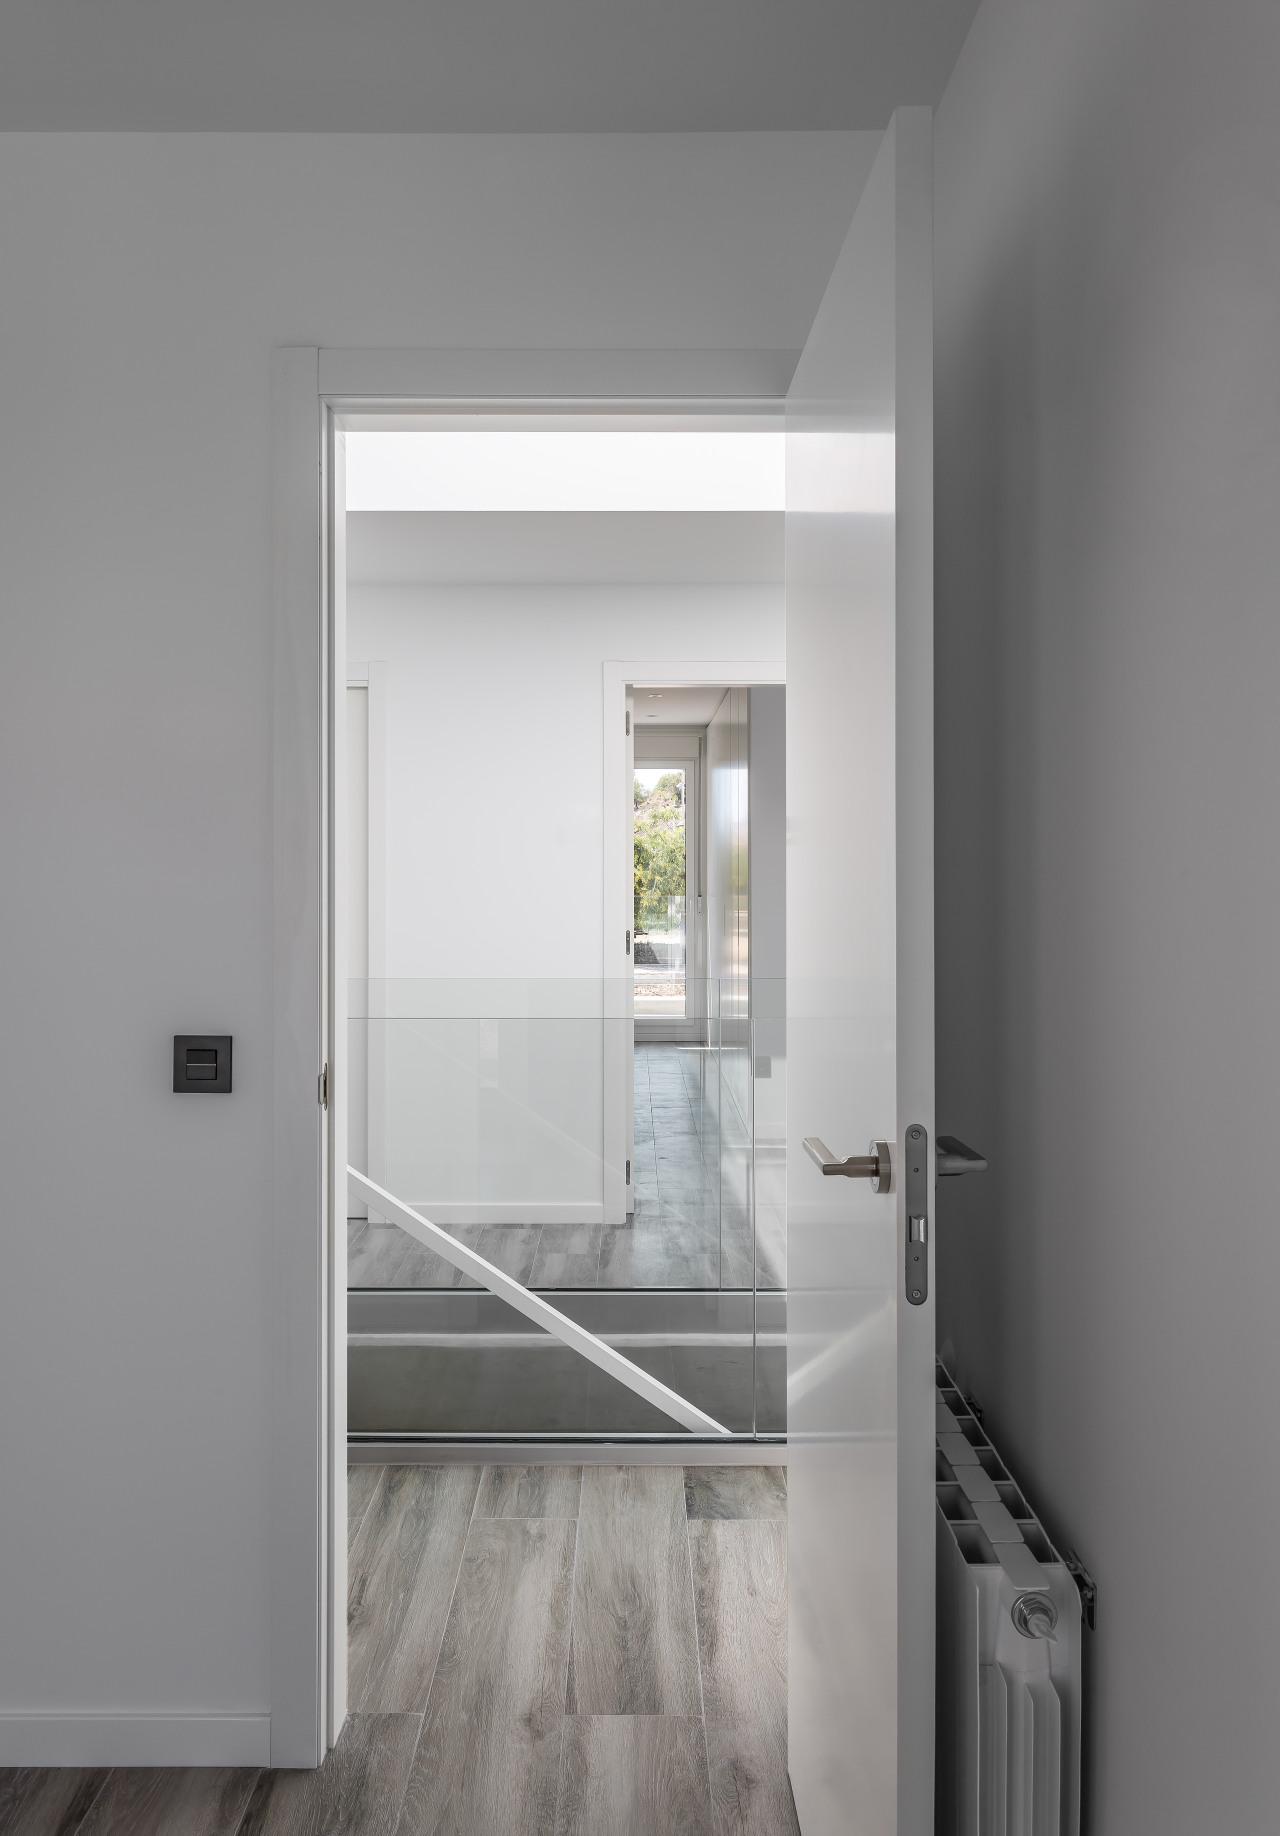 fotografia-arquitectura-valencia-puig-german-cabo-viraje-v15 (15)